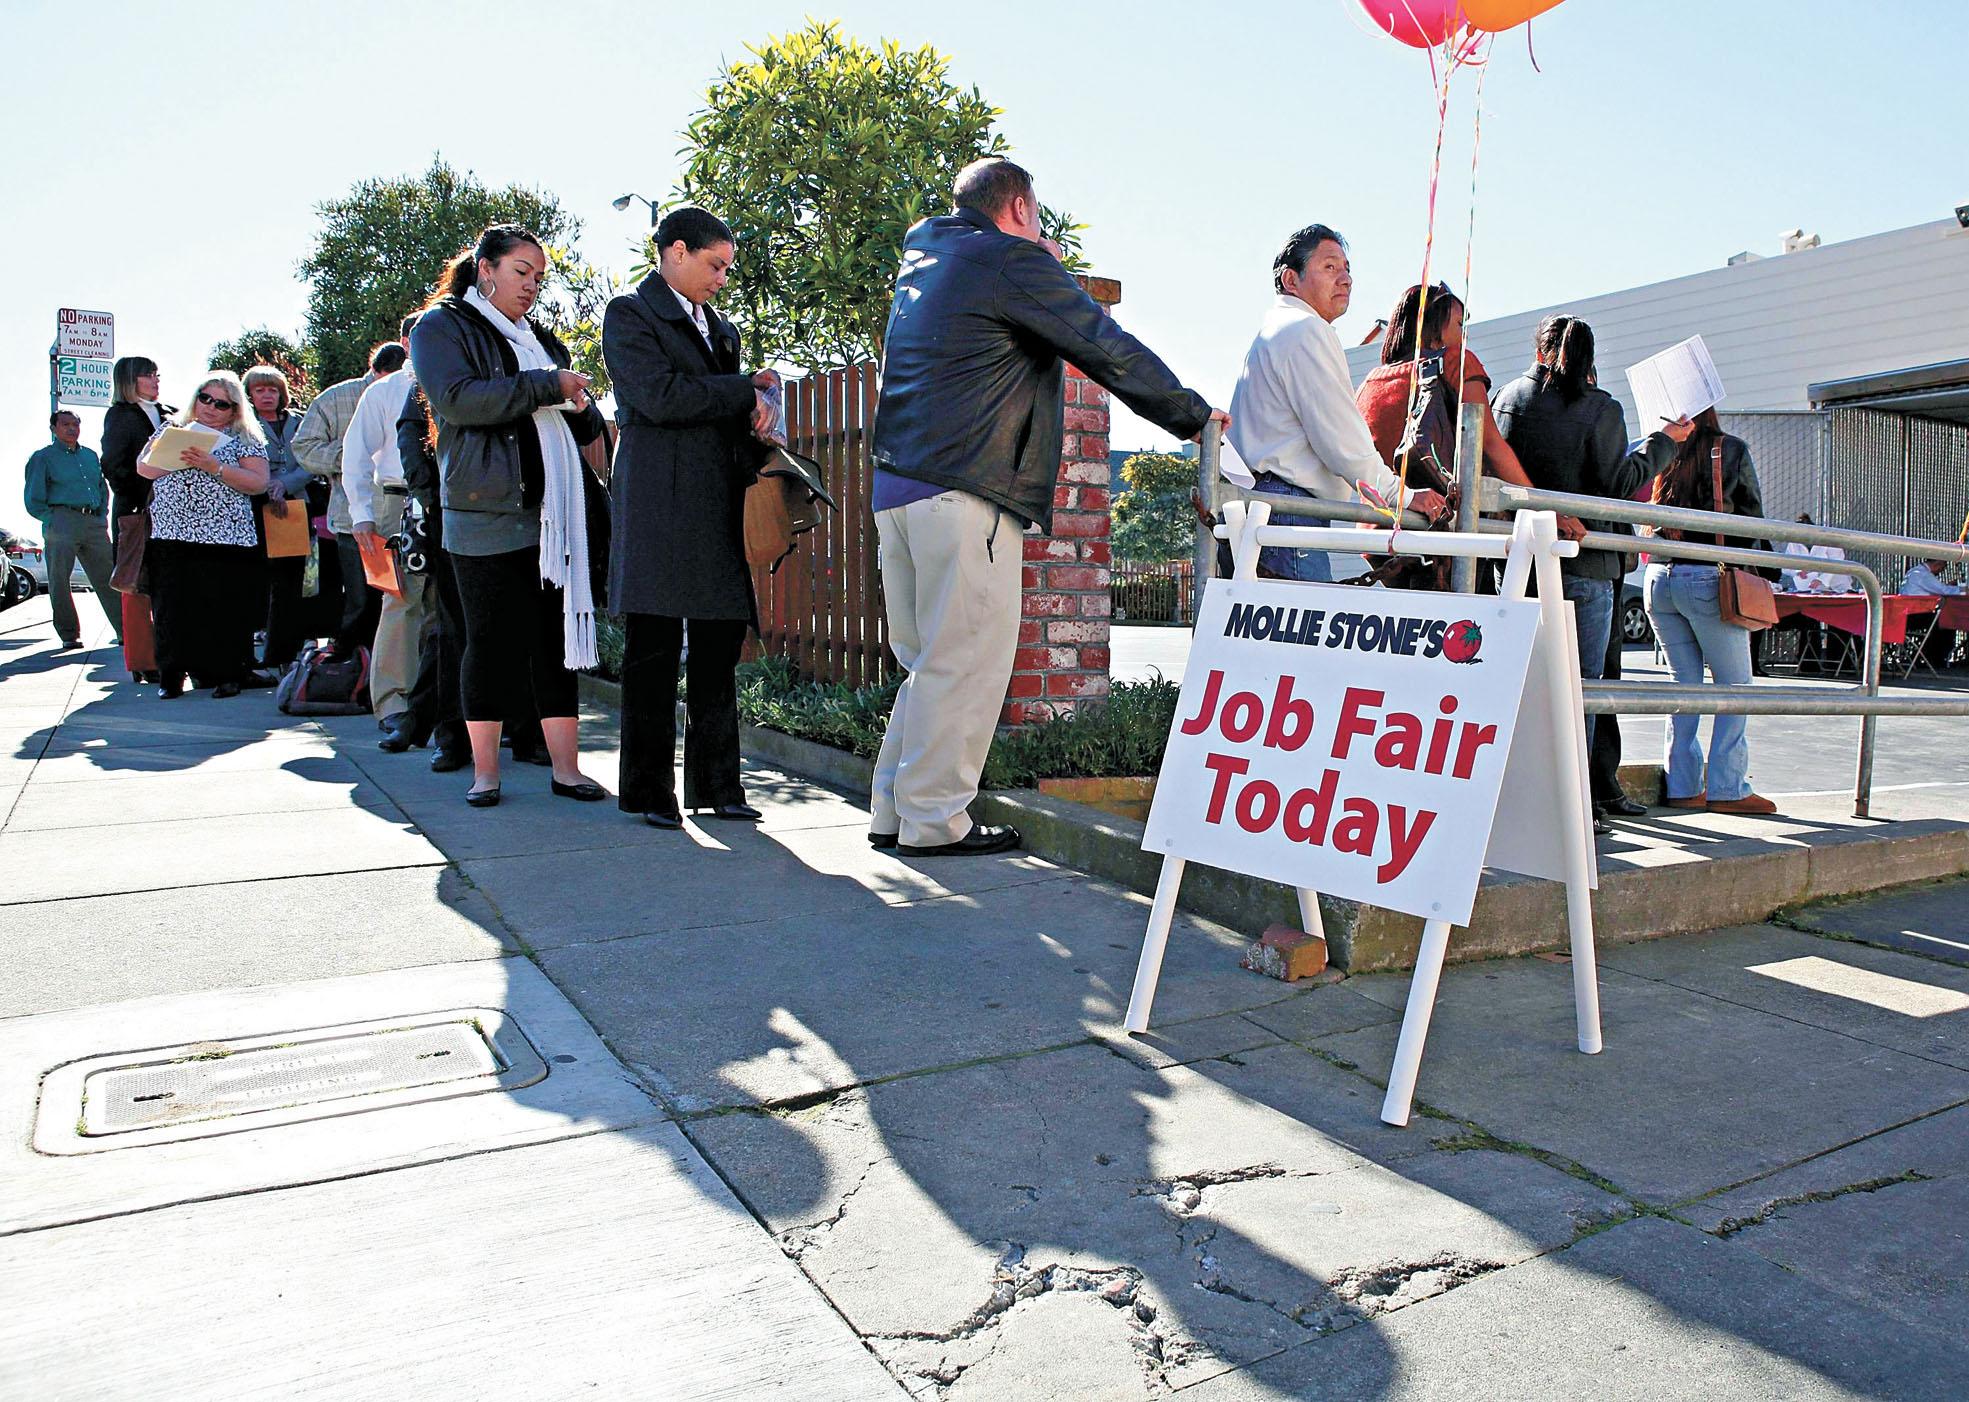 隨著美國各州復工計劃的展開,有媒體報道稱,很多人寧可每月領取3000多元失業金和聯邦救濟金,呆在家\xf9堣]不願上班。圖為求職者近日在三藩市一家連鎖店舉辦的招聘會上排隊入場求職。法新社